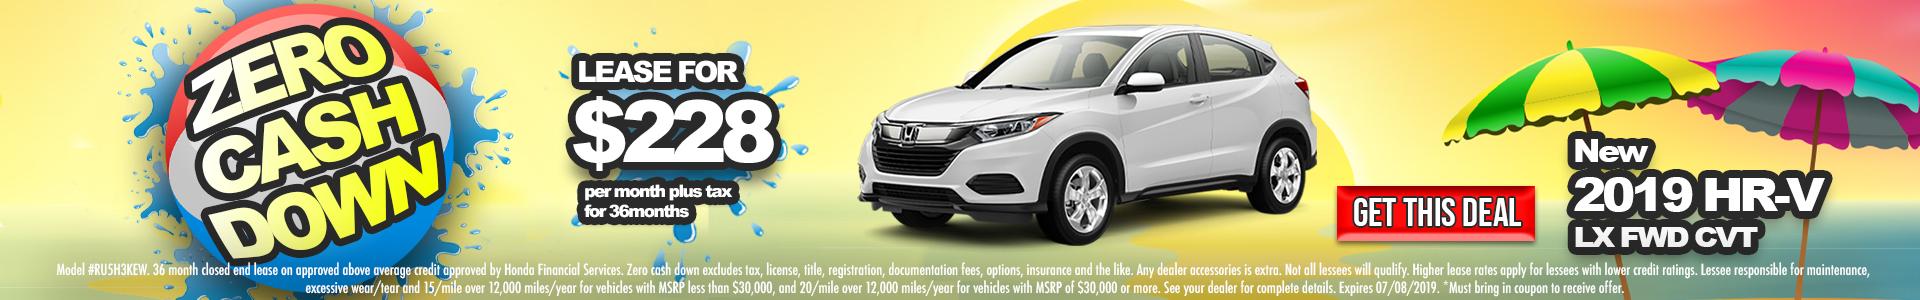 Honda HR-V $228 Lease